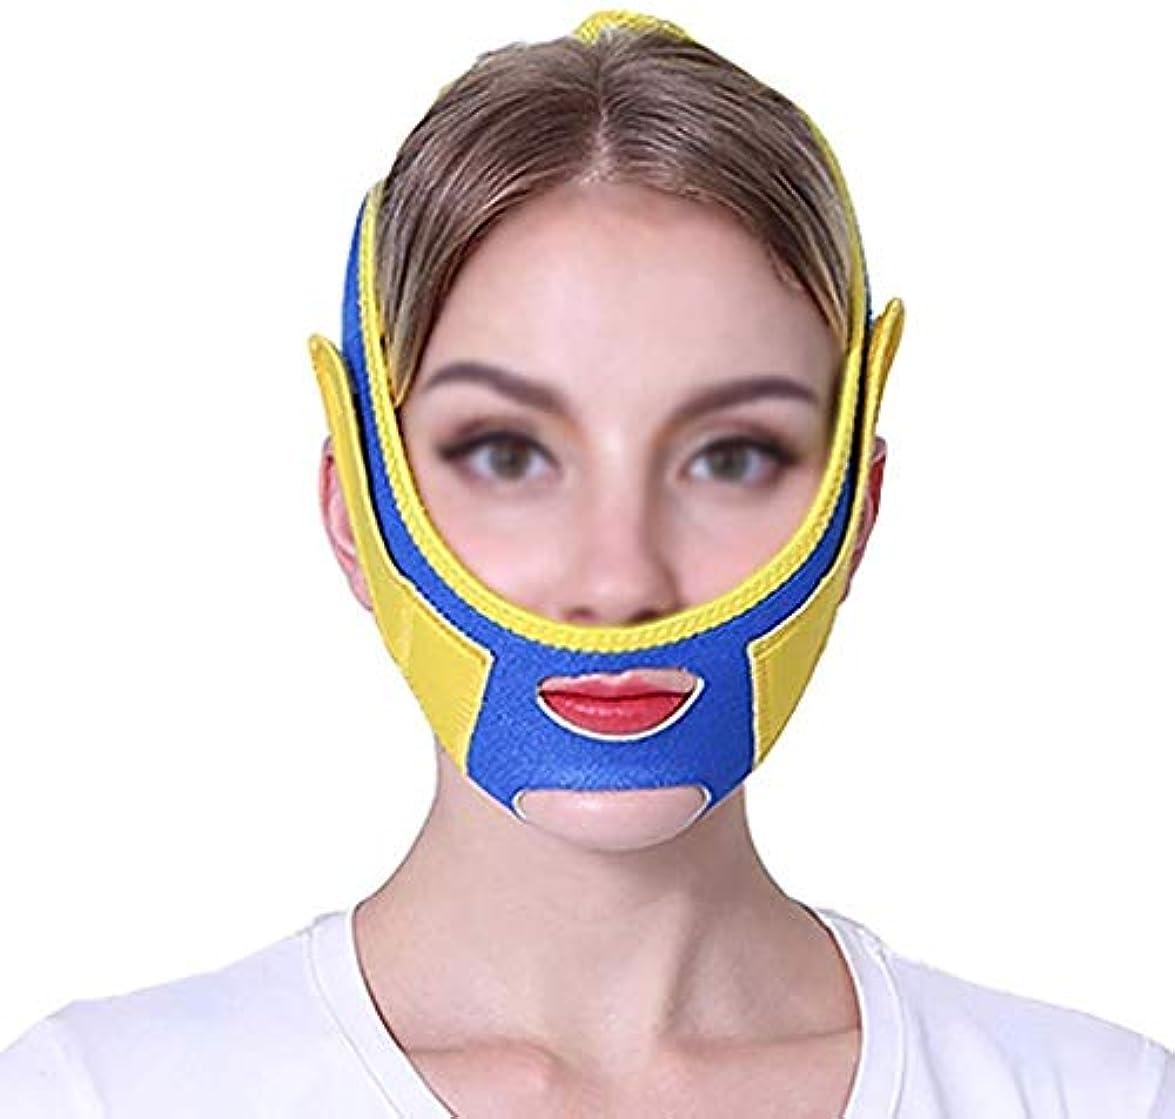 外国人インペリアル逃れる美容と実用的なファーミングフェイスマスク、スモールVフェイスアーティファクトリフティングマスクフェイスリフティングフェイスメロンフェイスリフティングフェイスファーミングクリームフェイスリフティングバンデージ